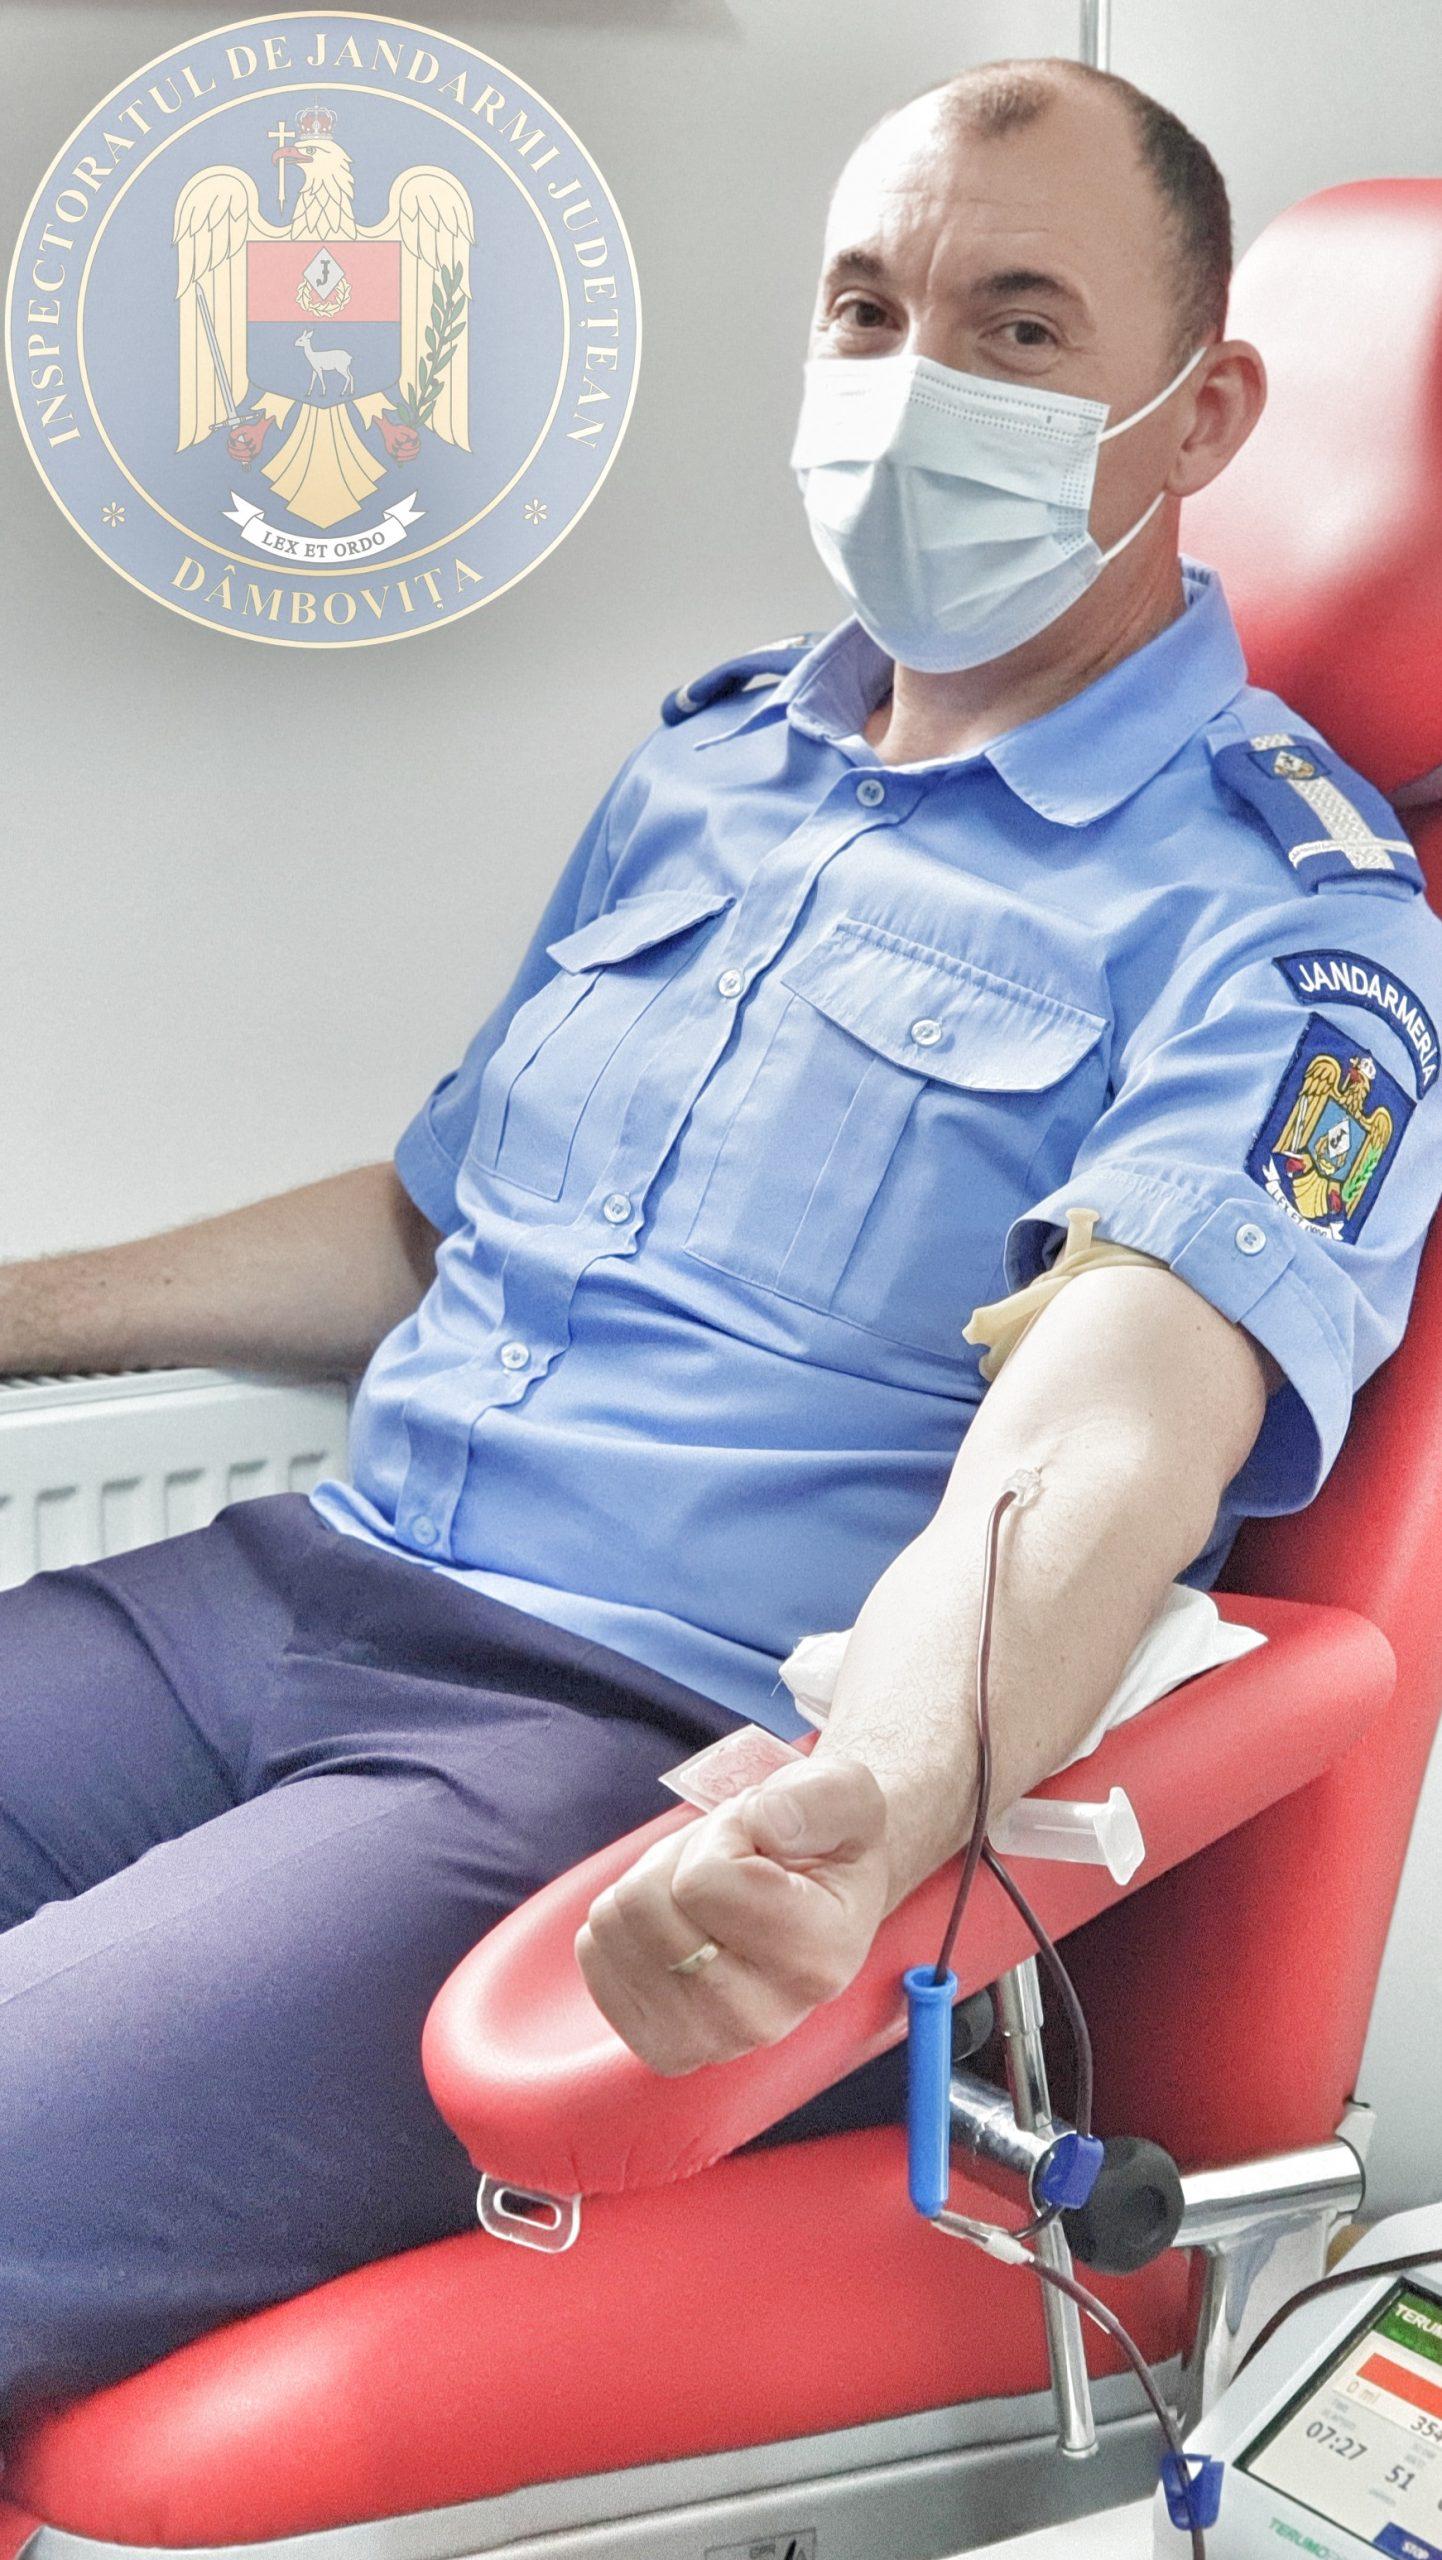 Donează sânge! Salvează o viaţă!